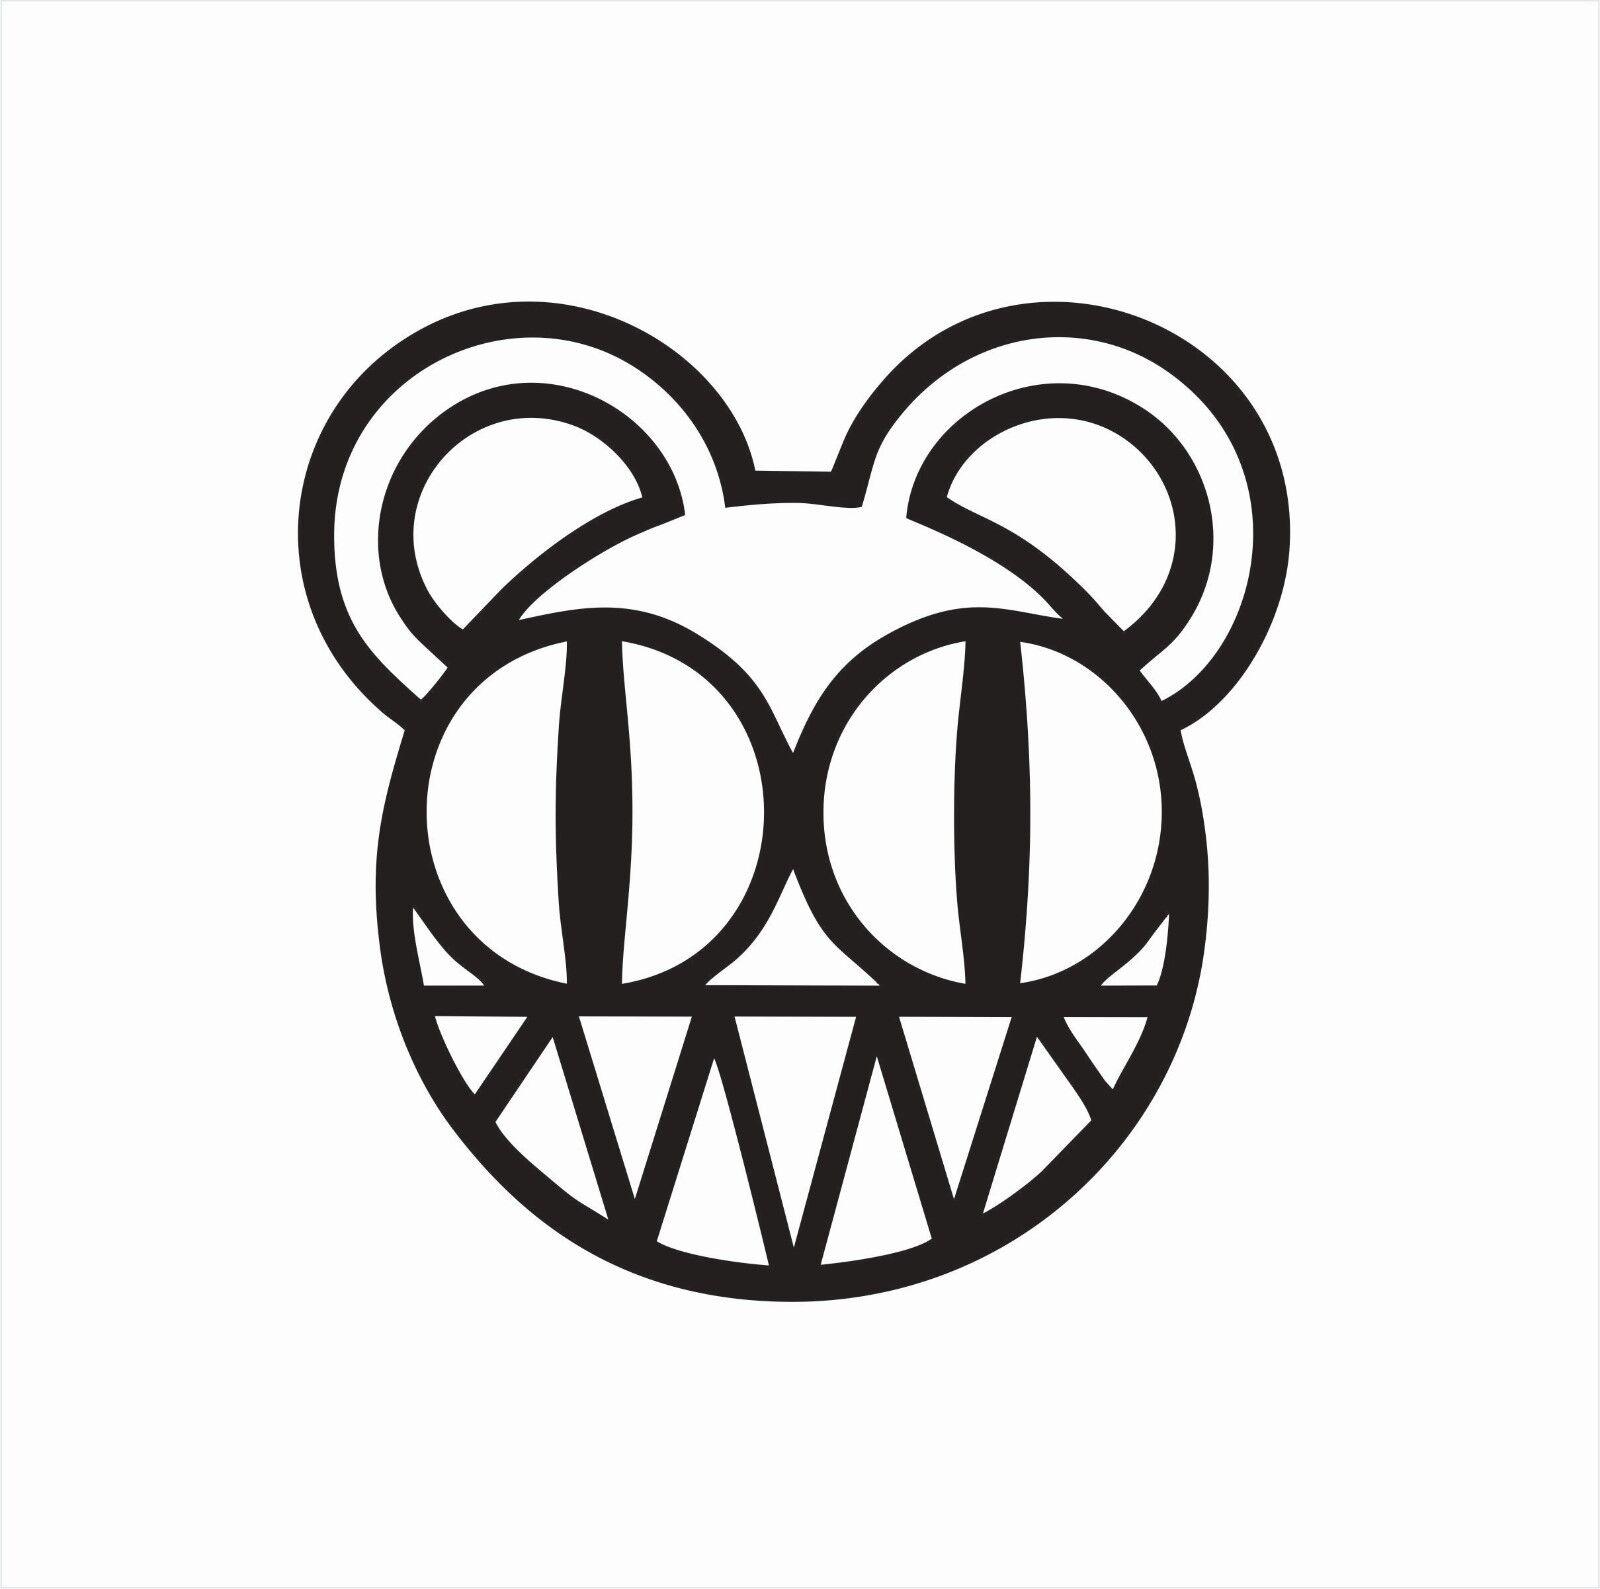 Radiohead Music Band Vinyl Die Cut Car Decal Sticker-FREE SH